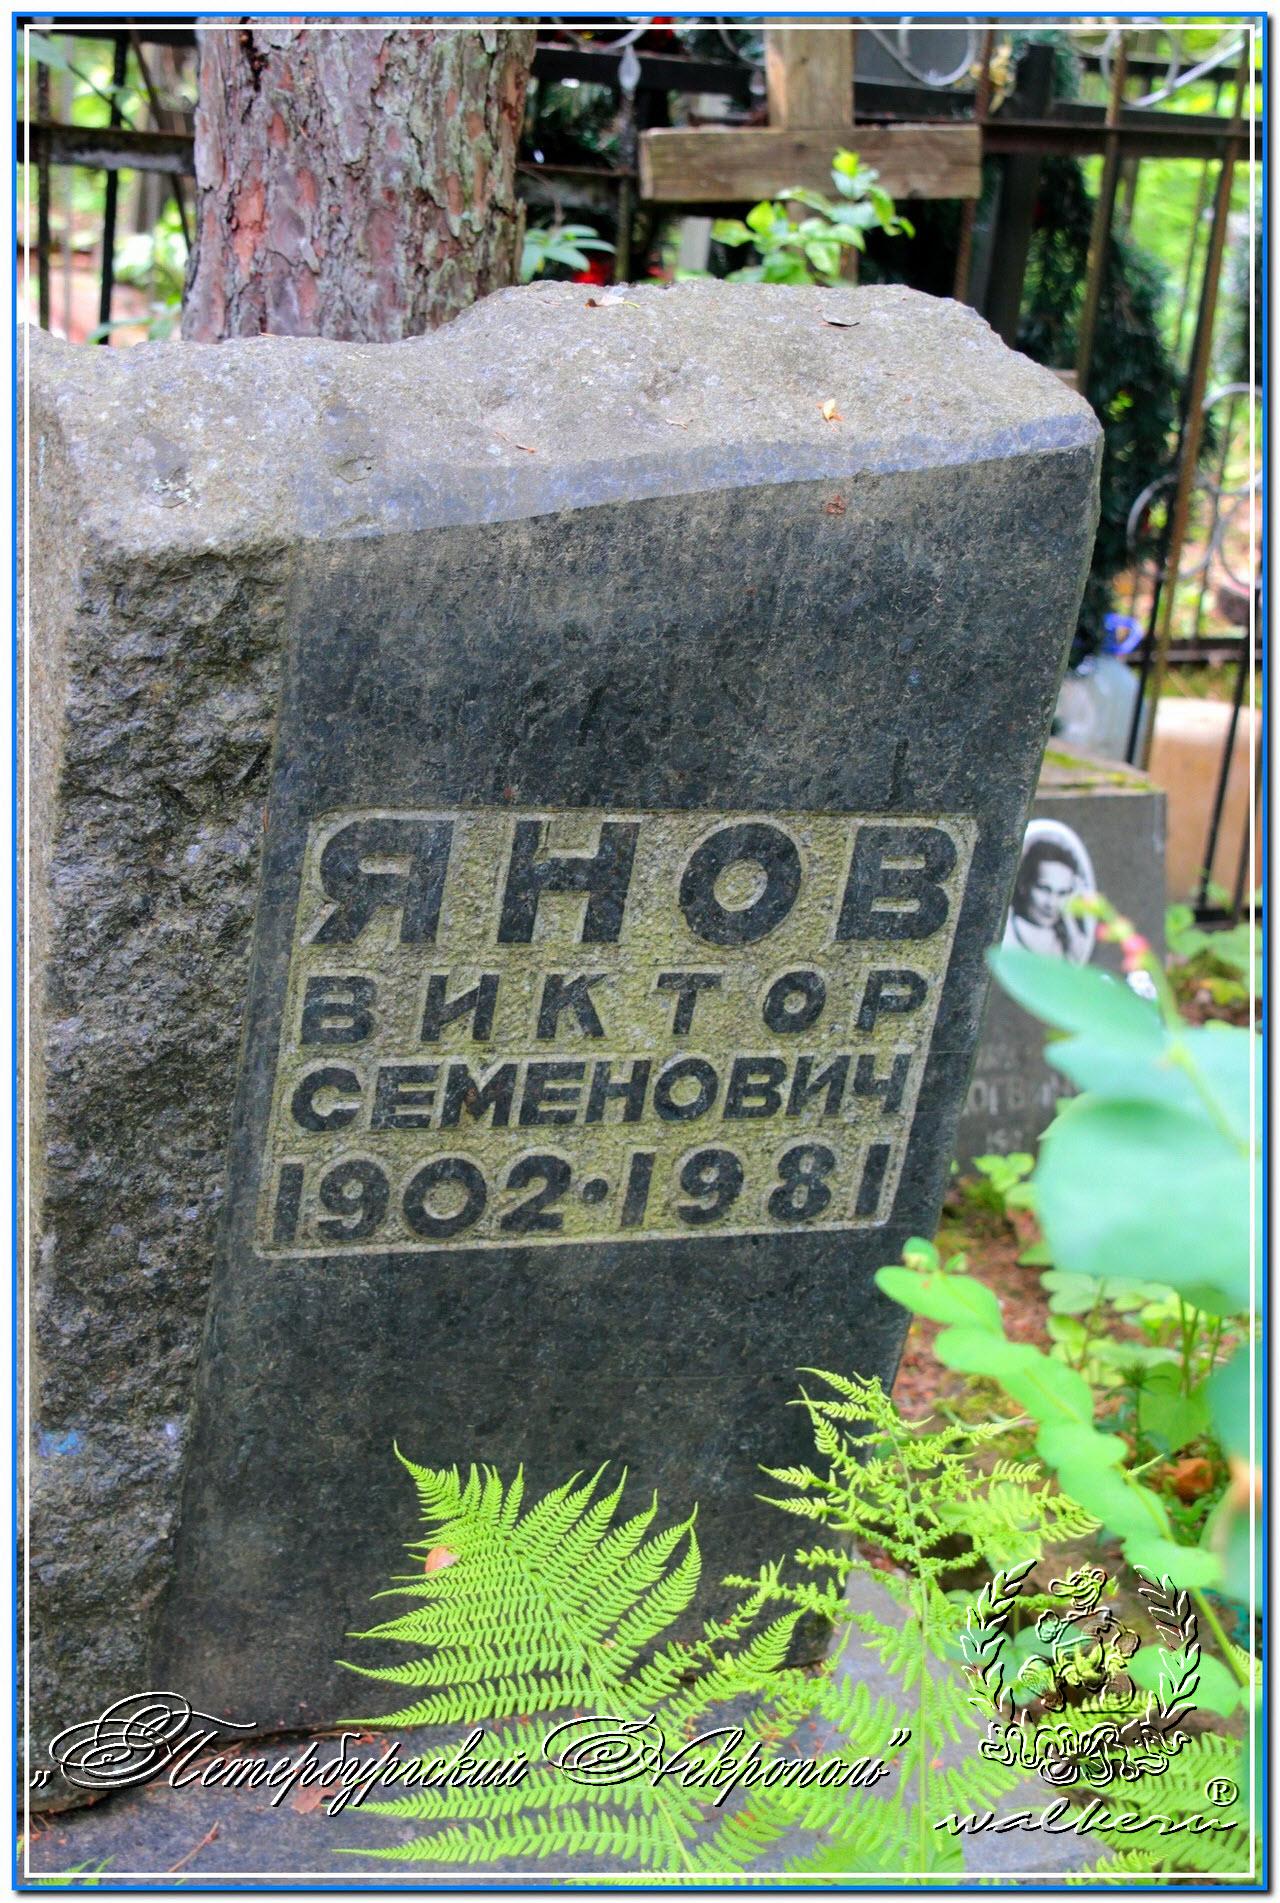 Янов Виктор Семёнович